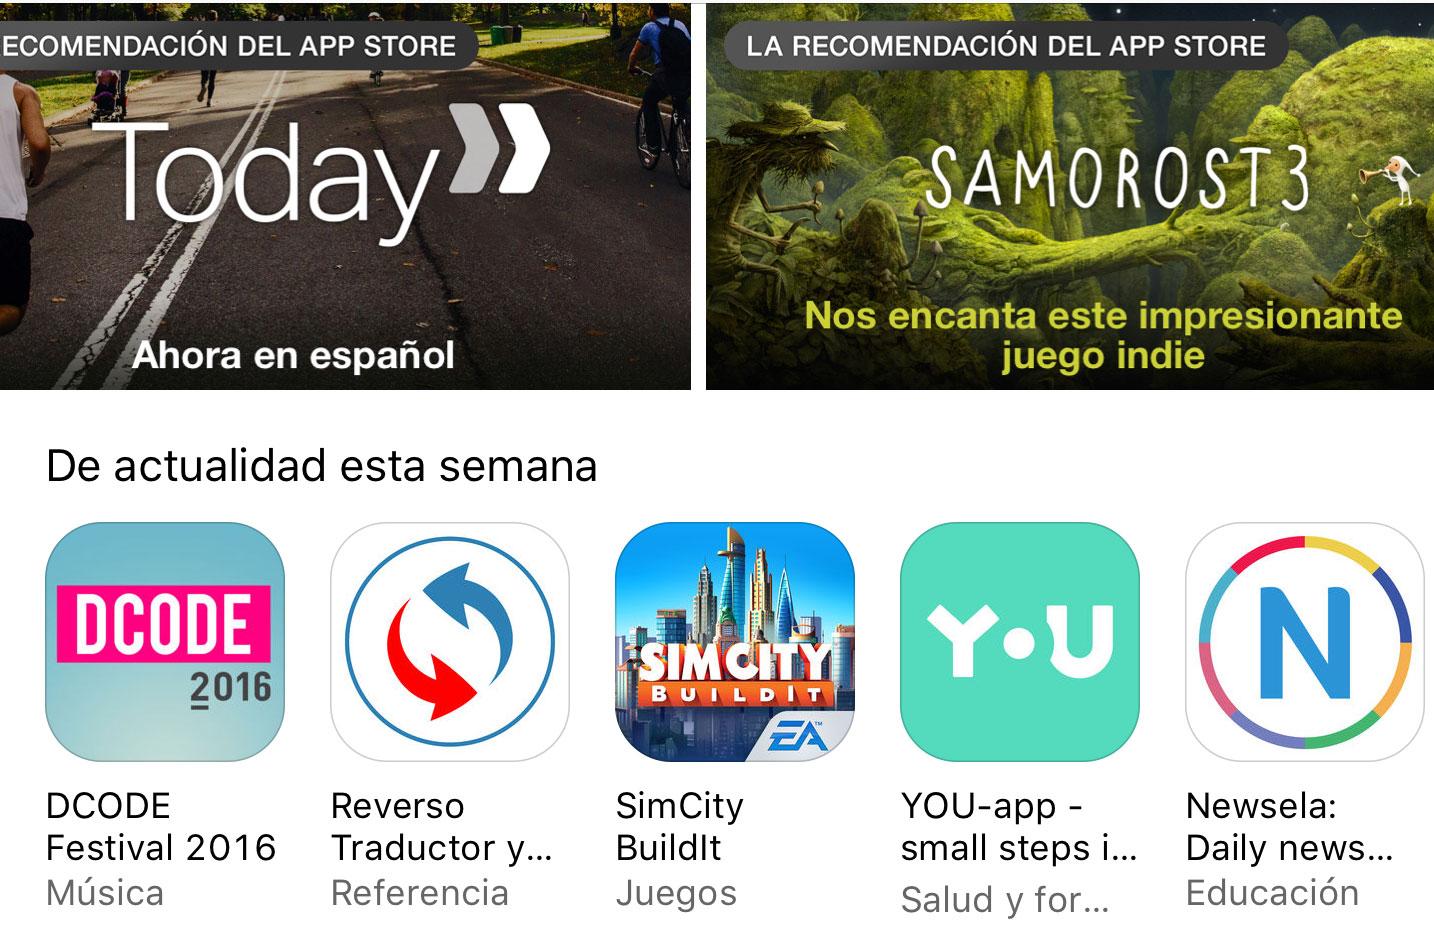 Portada de la App Store